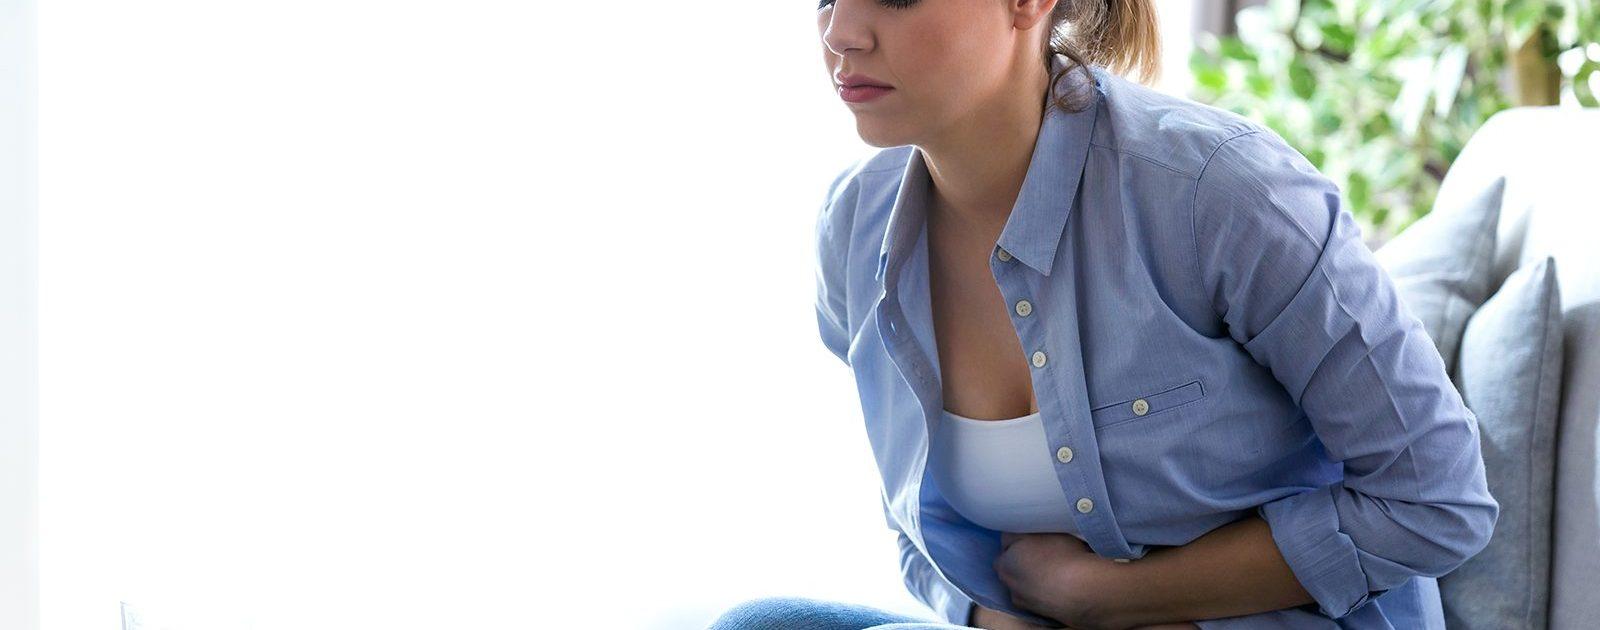 Schwangere krümmt sich – bei ihr wird der Durchfall in der Schwangerschaft von Bauchschmerzen begleitet.